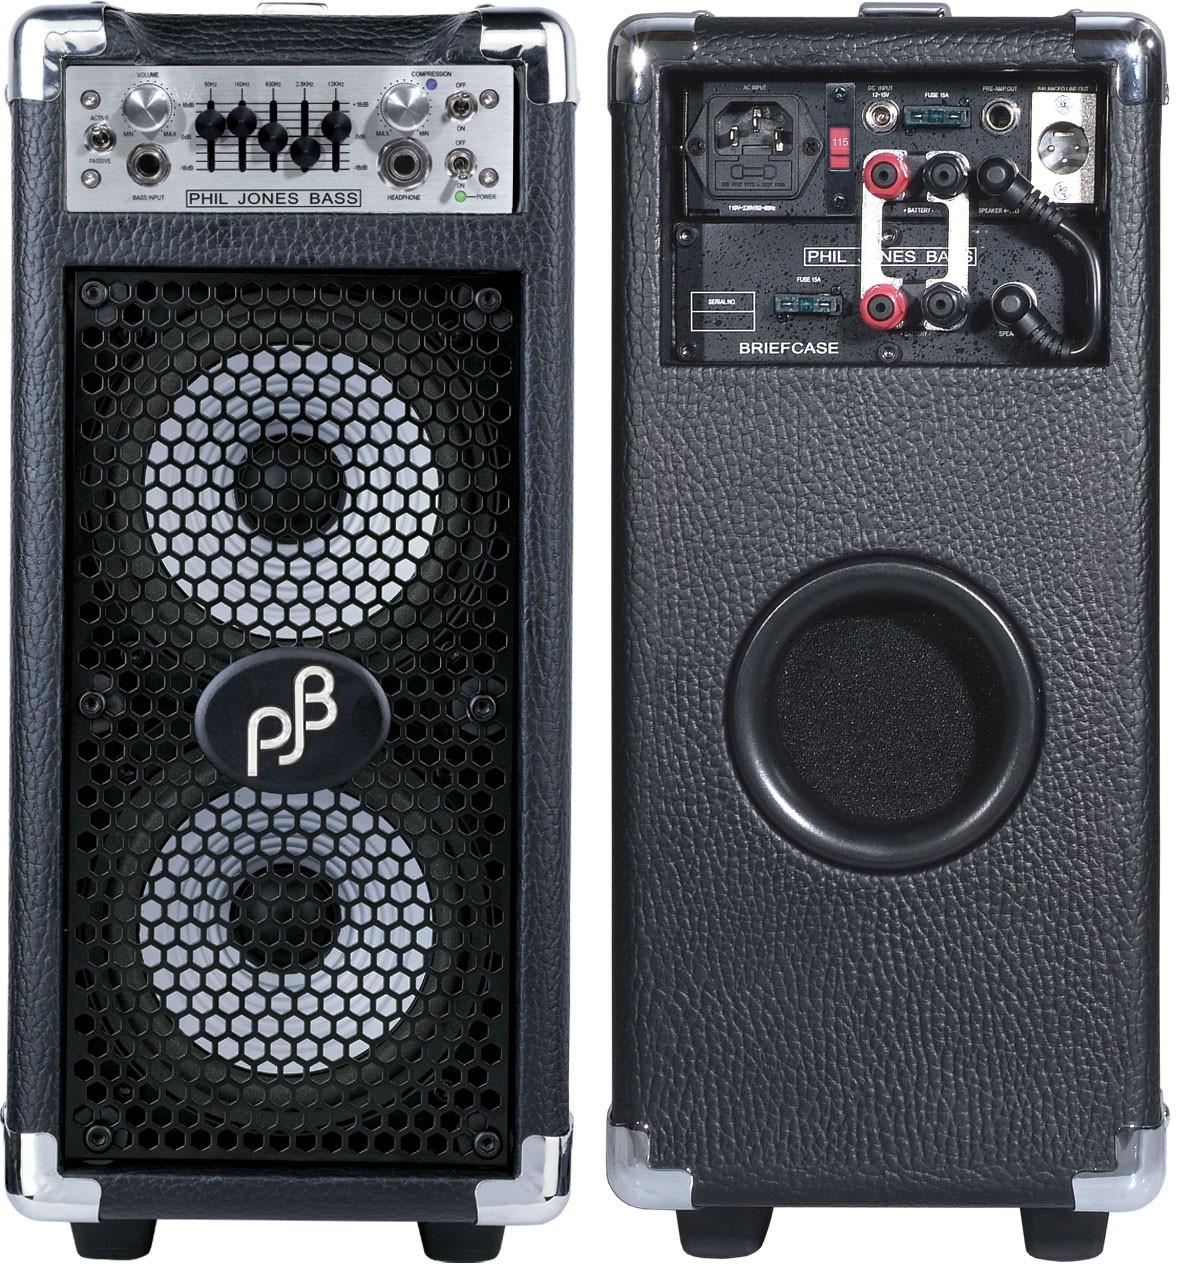 Briefcase Bass Combo Phil Jones Bass